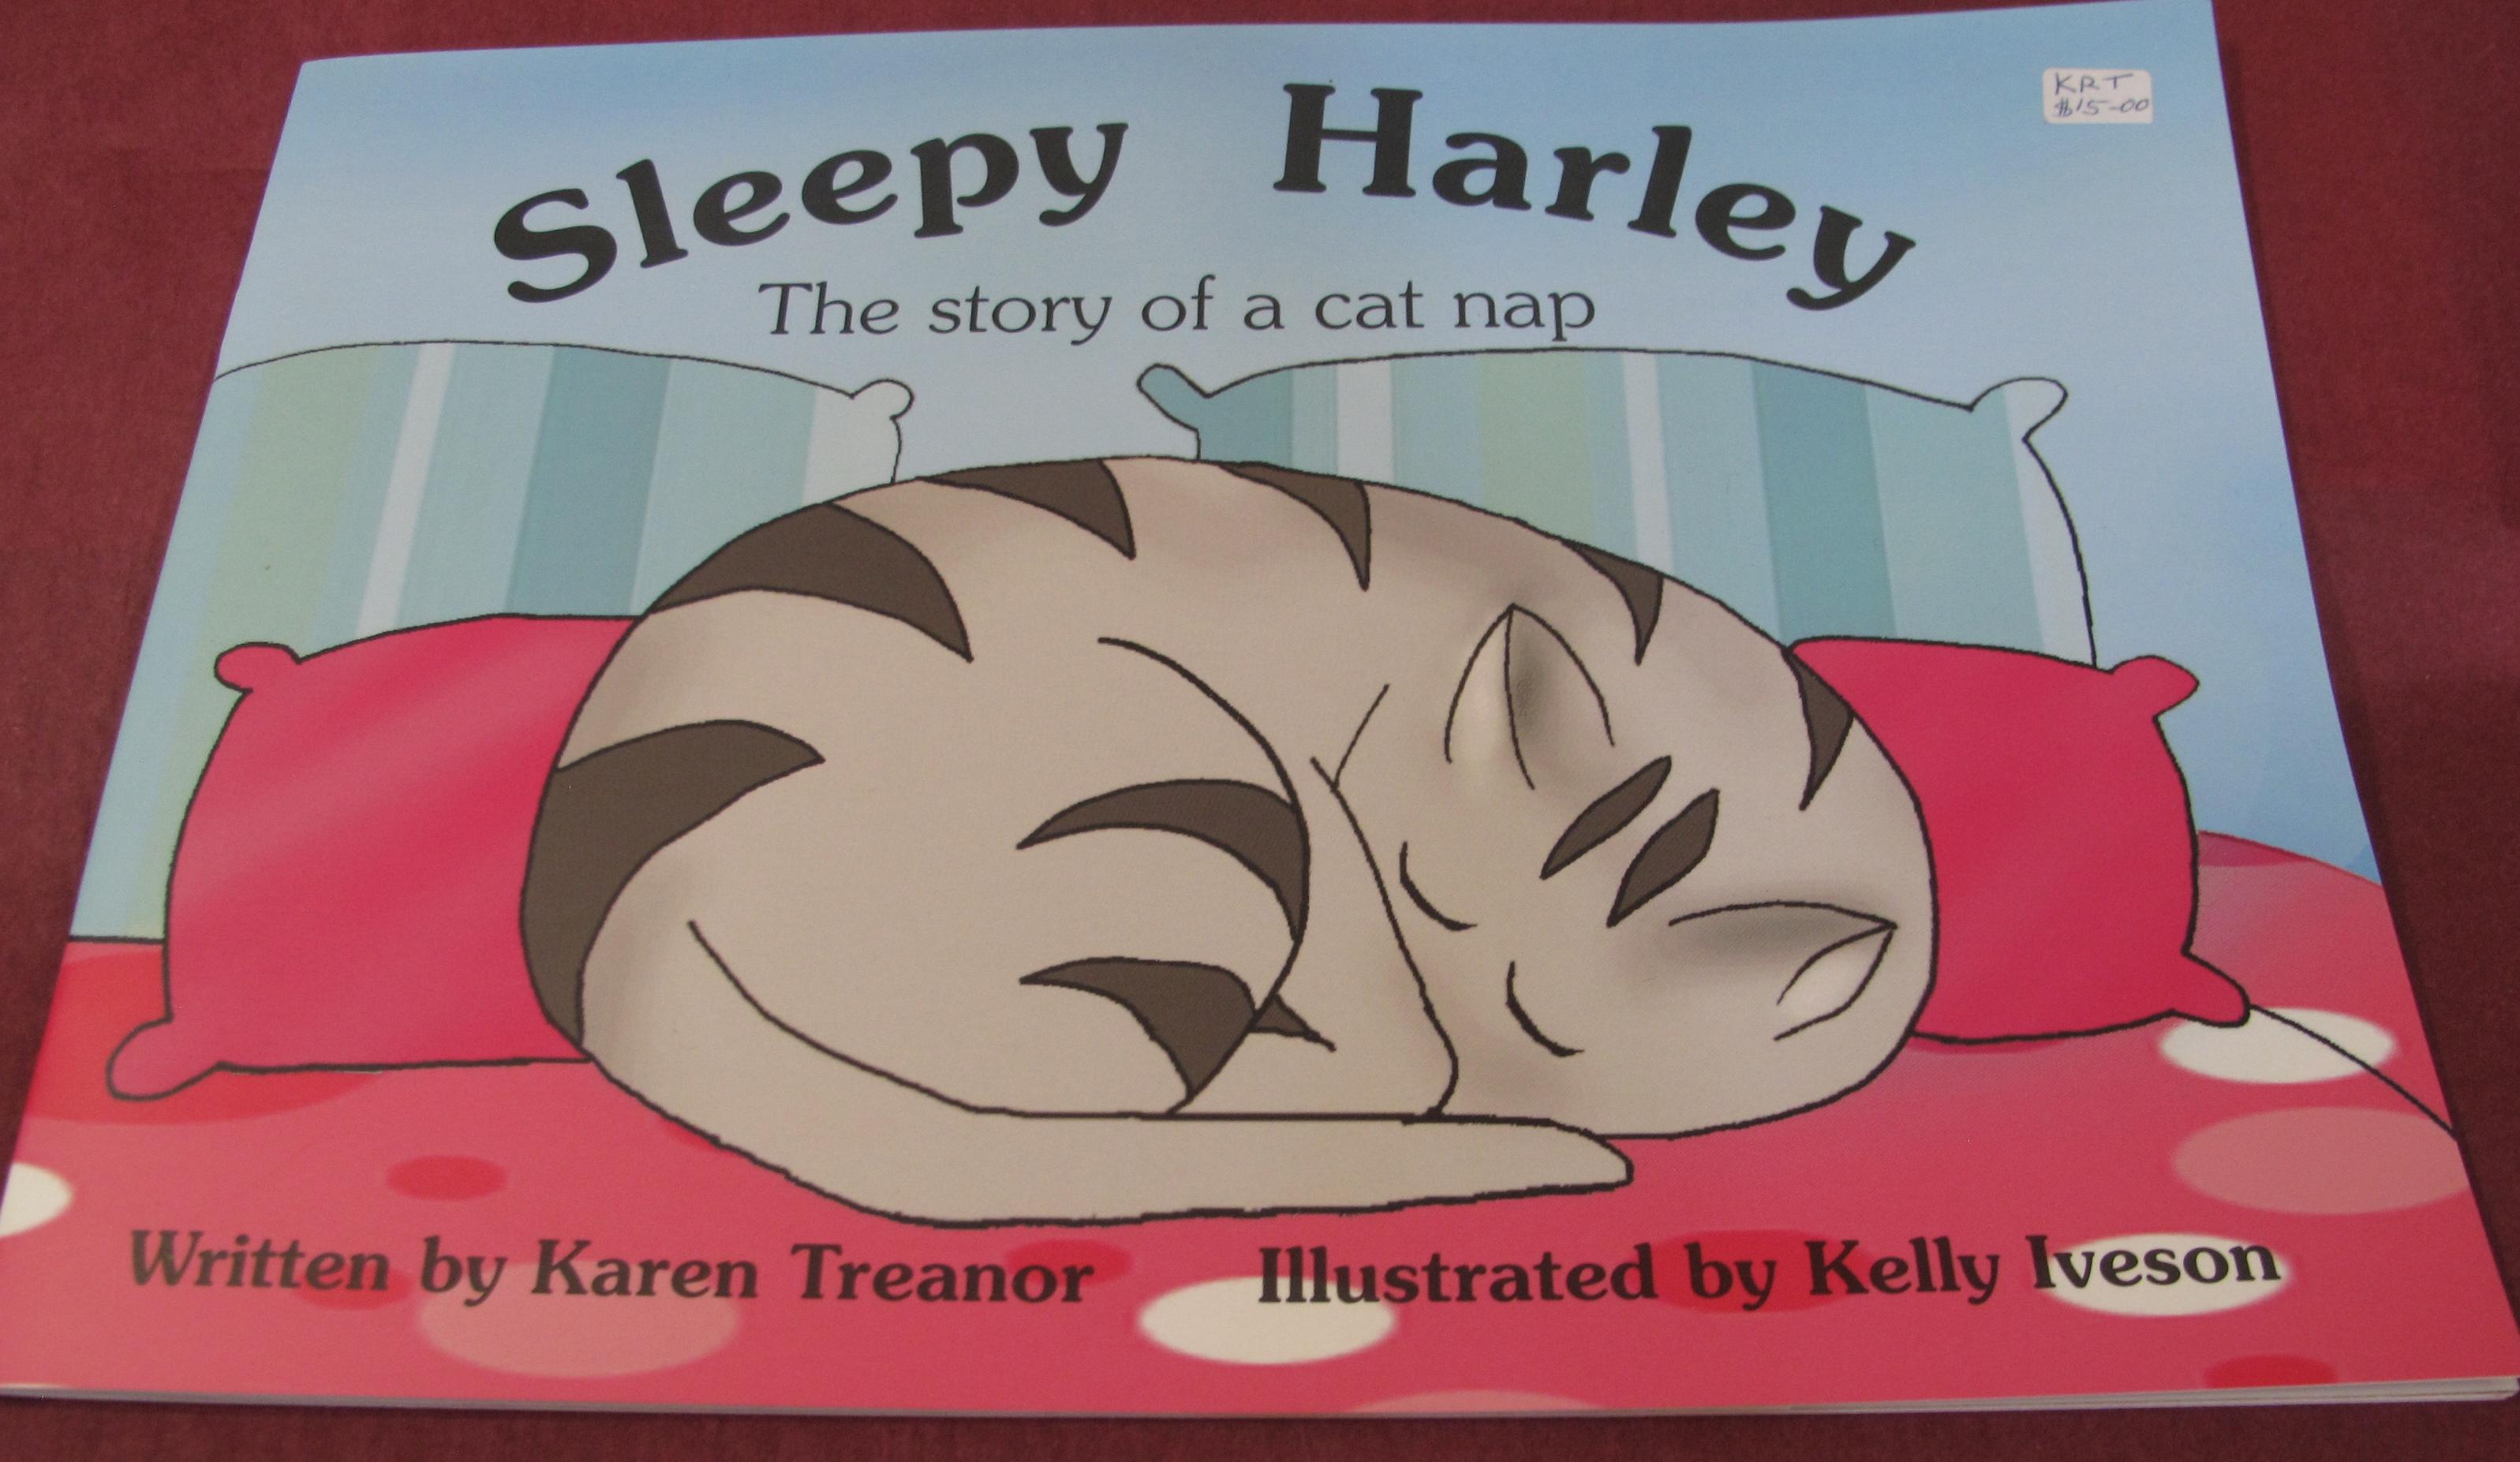 Book - Sleepy Harley